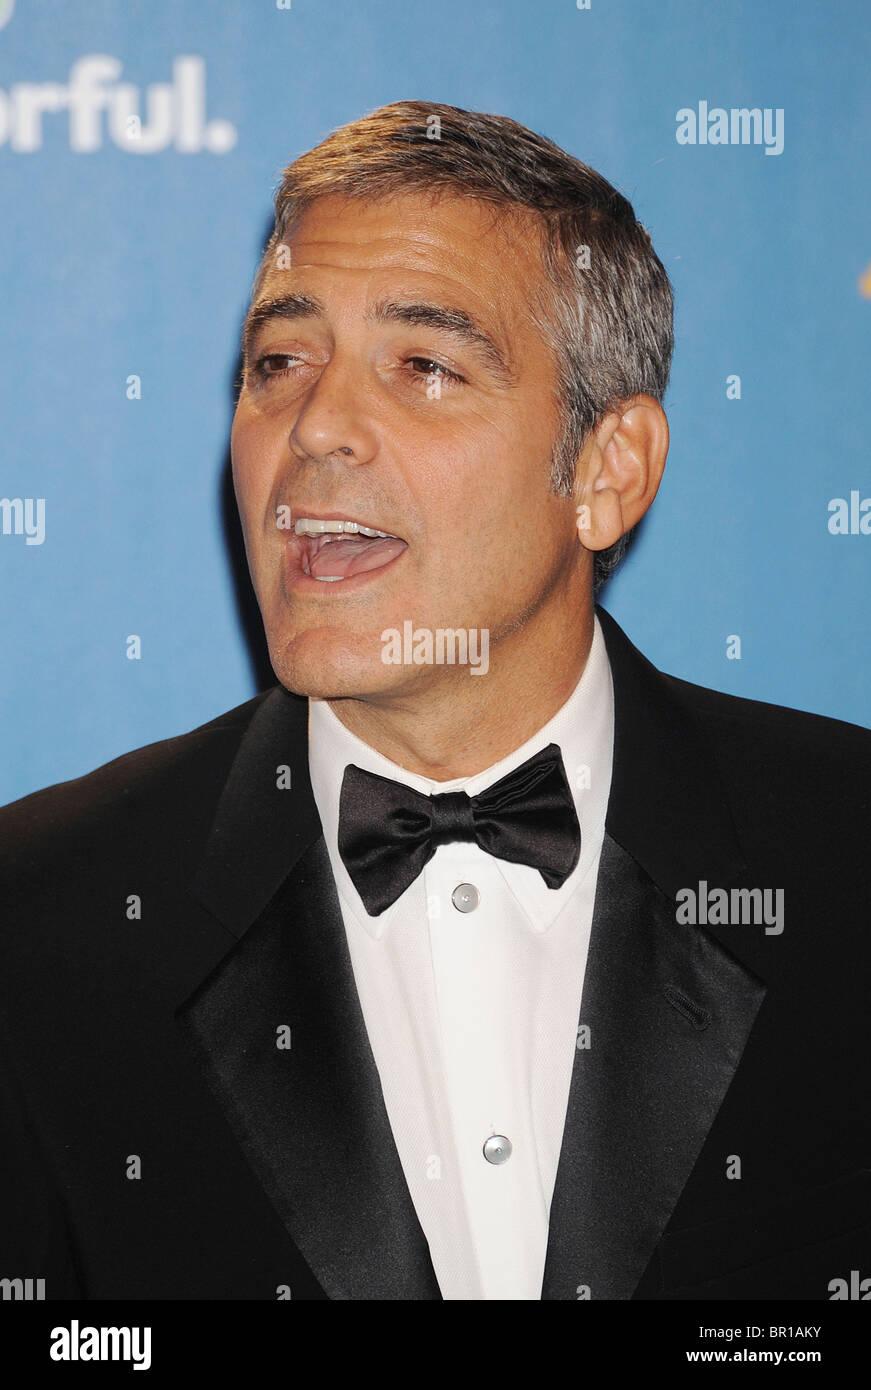 GEORGE CLOONEY - attore statunitense nel mese di agosto 2010. Foto di Jeffrey Mayer Immagini Stock